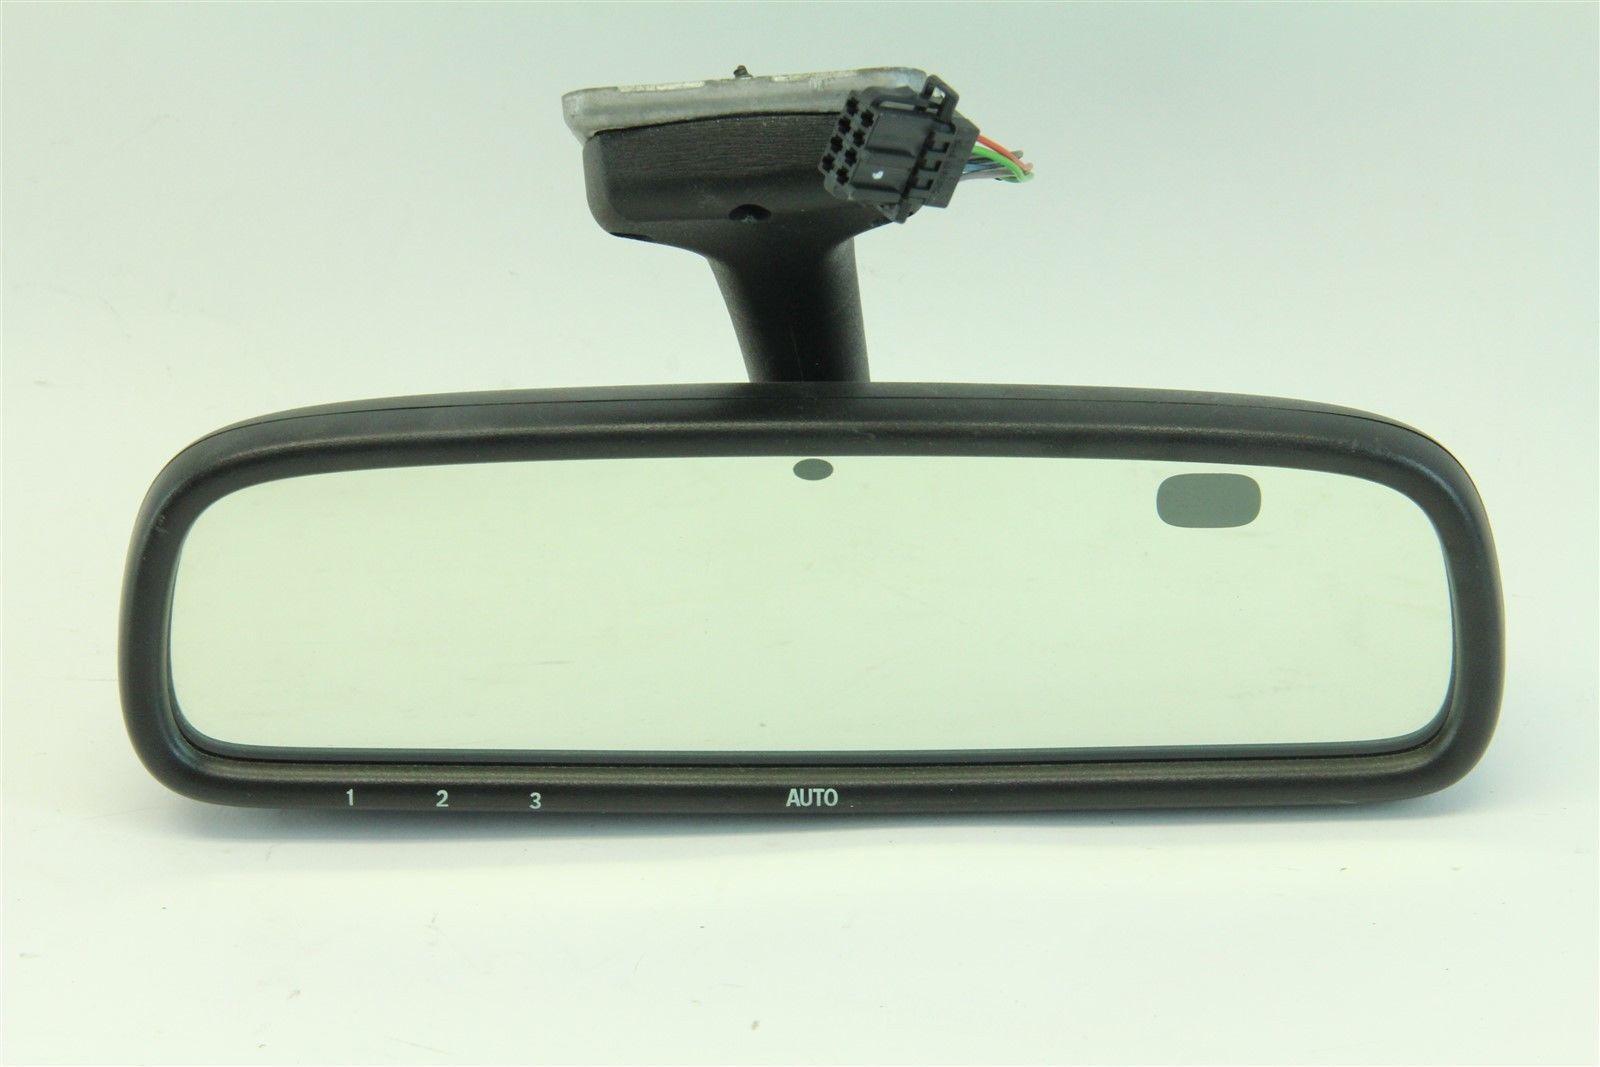 Saab 9 3 03 11 espejo retrovisor interior auto dim homelink ventana de cristal 12791048 ebay for Interior rear view mirror replacement glass